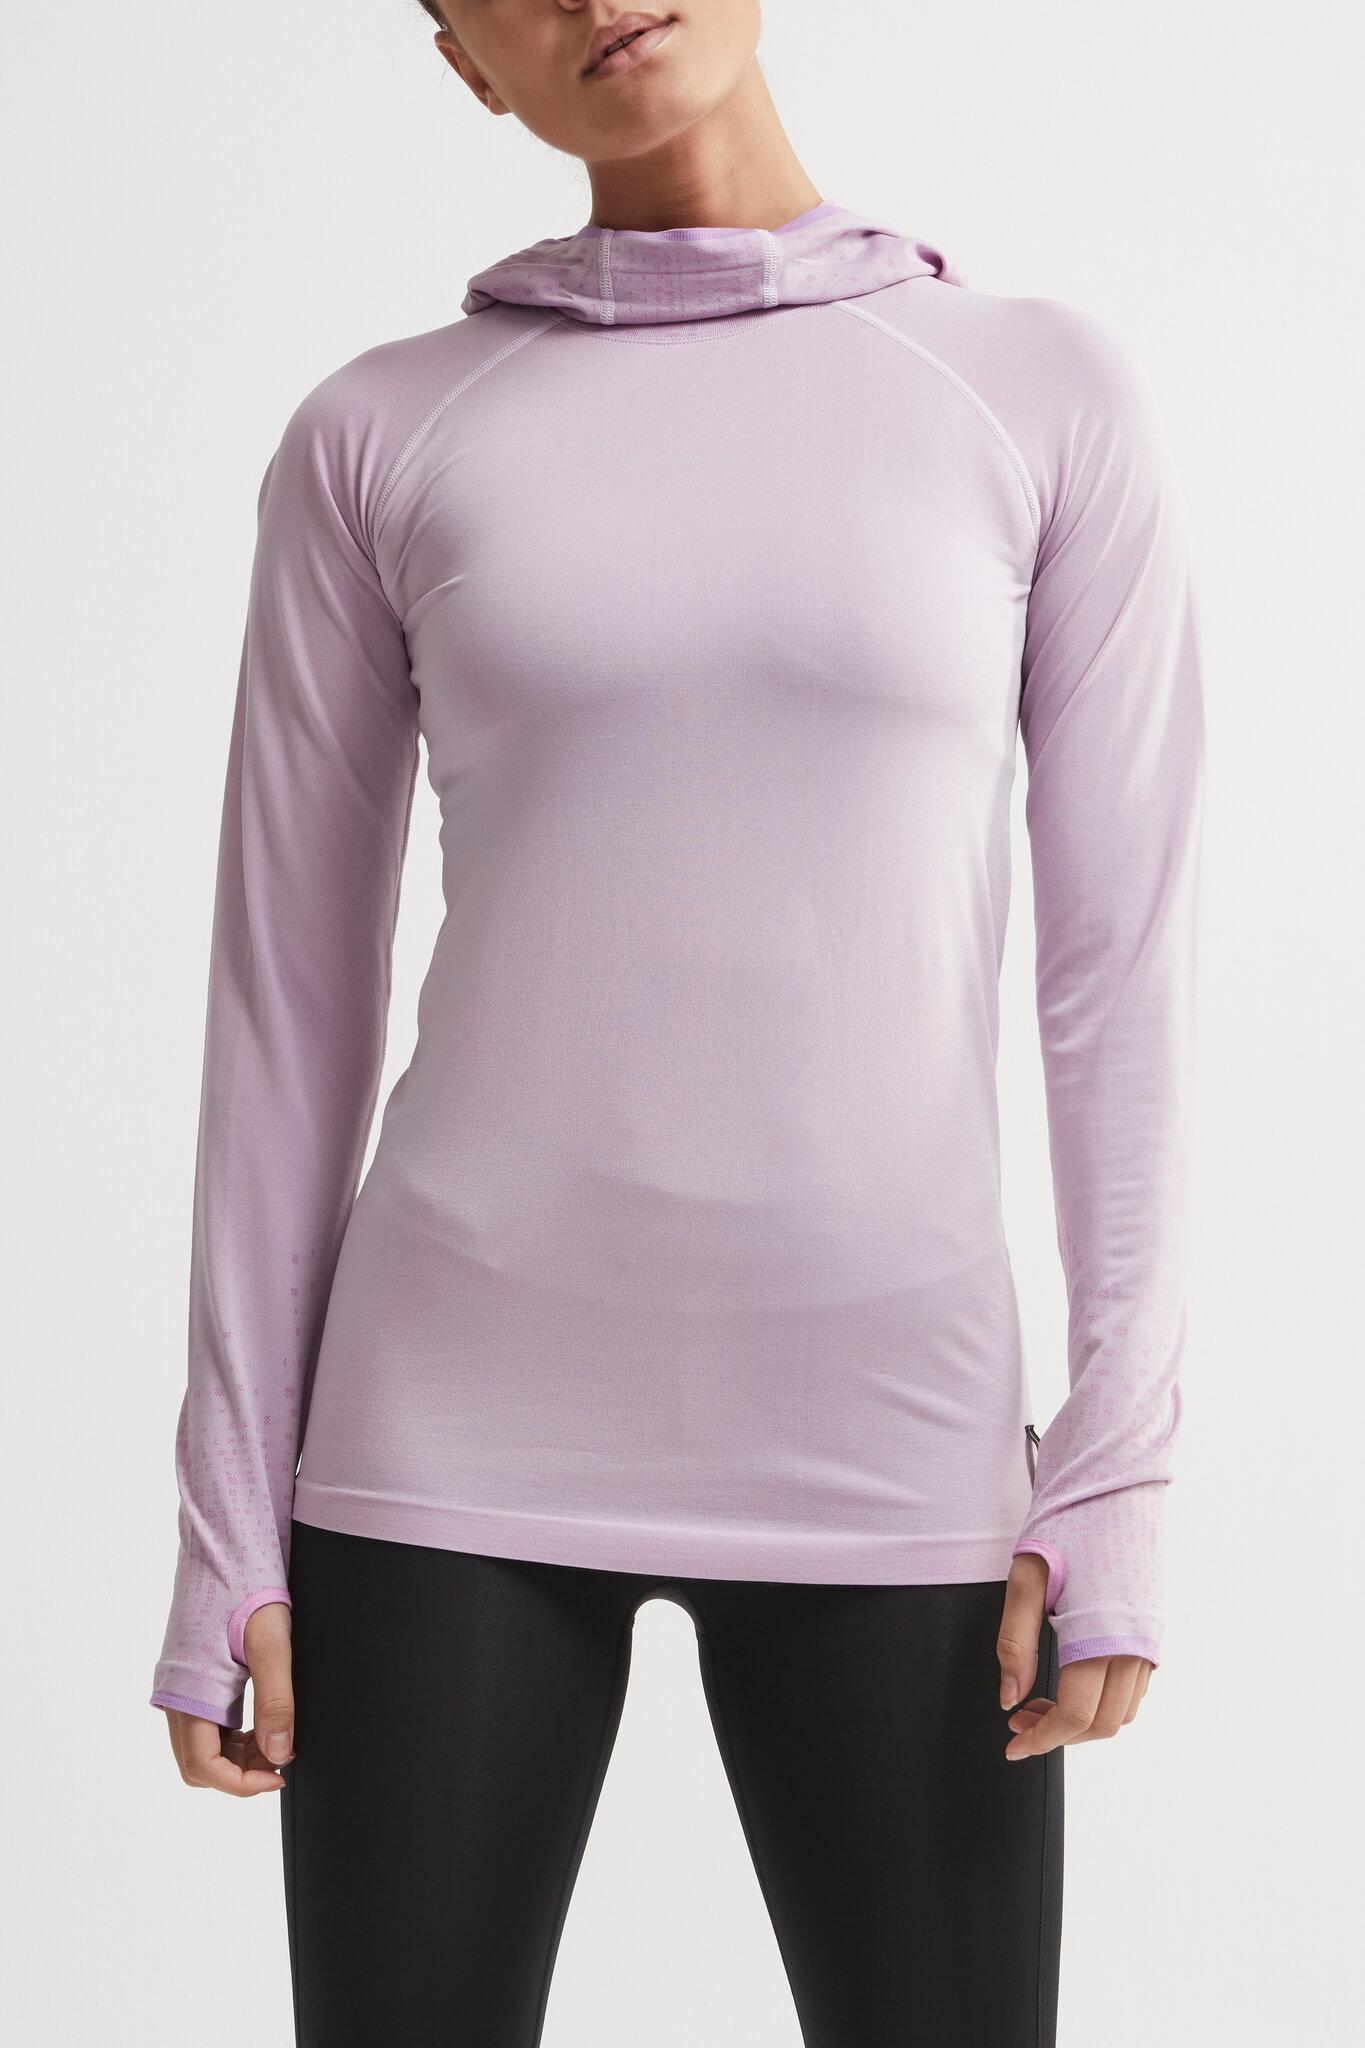 Craft Core Fuseknit рубашка беговая с капюшоном женская - 2